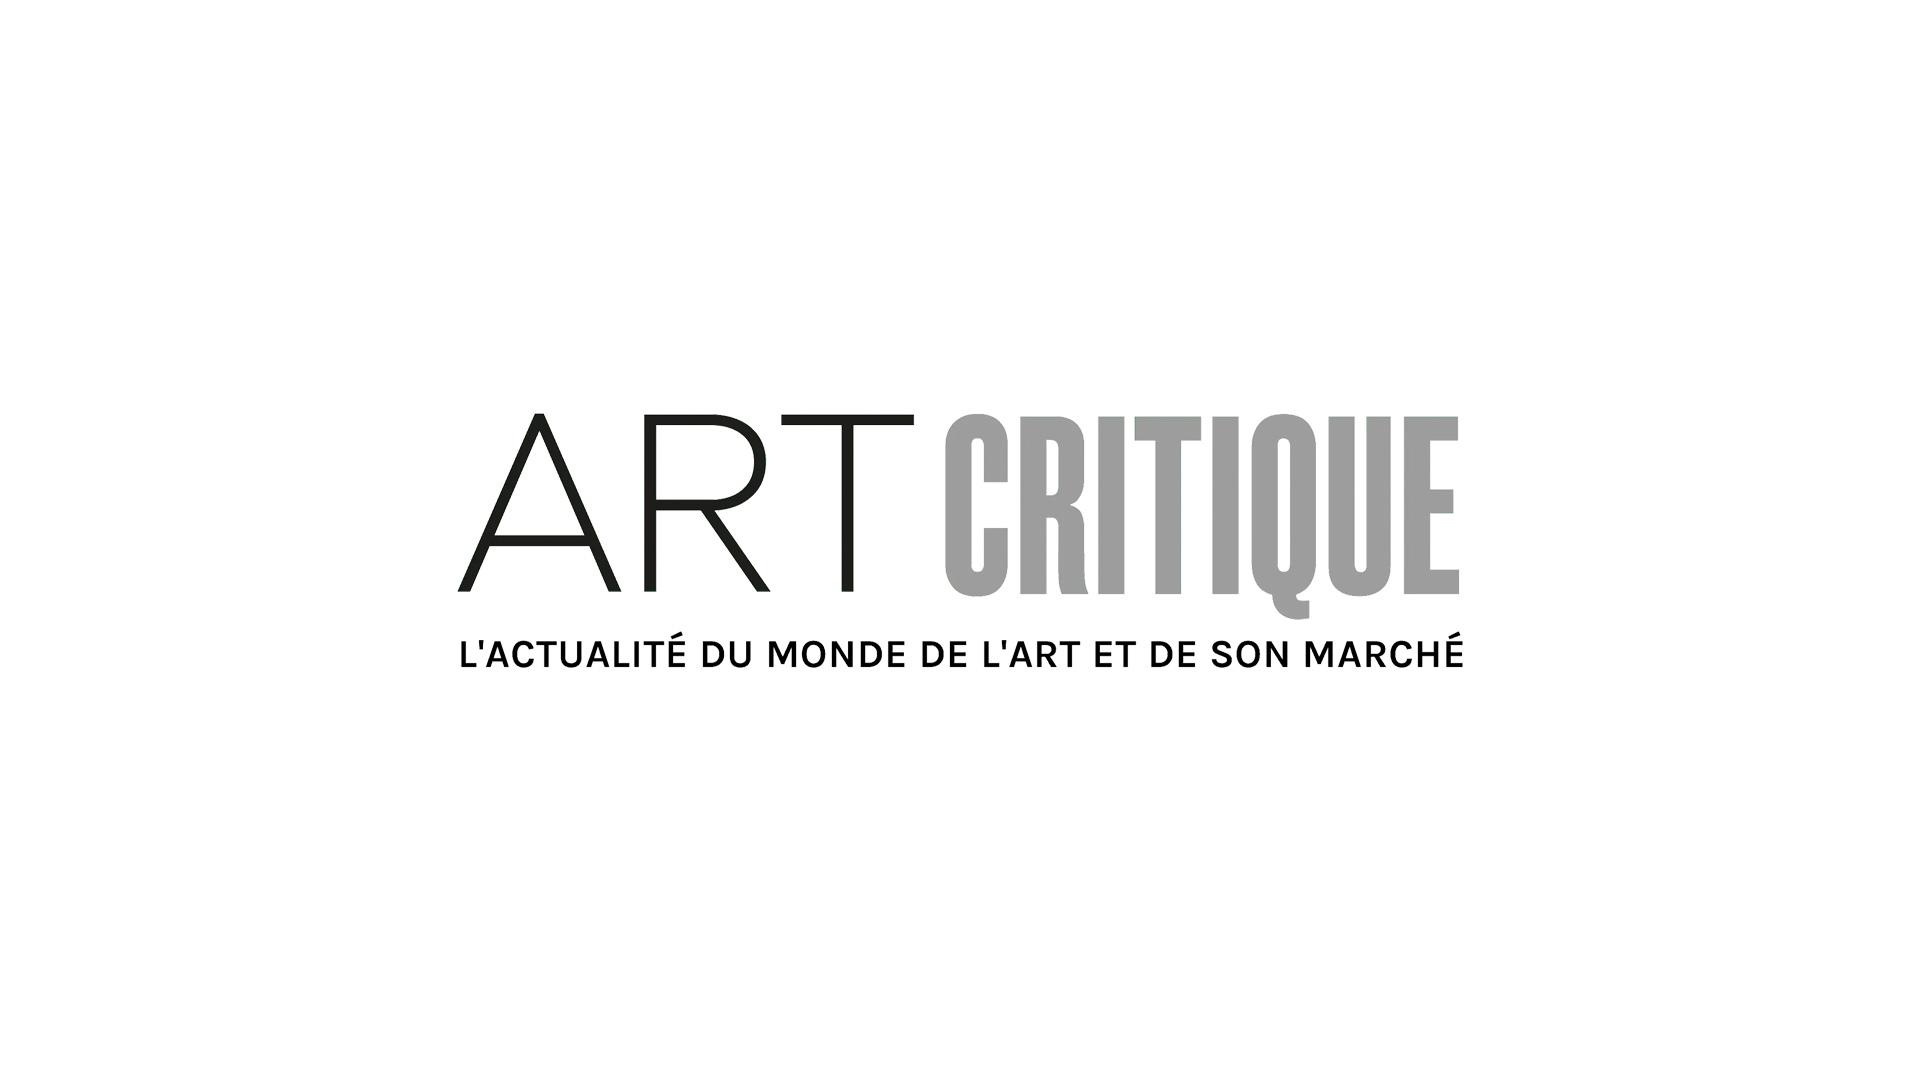 Un livre d'enquête sur l'Affaire Ruffini